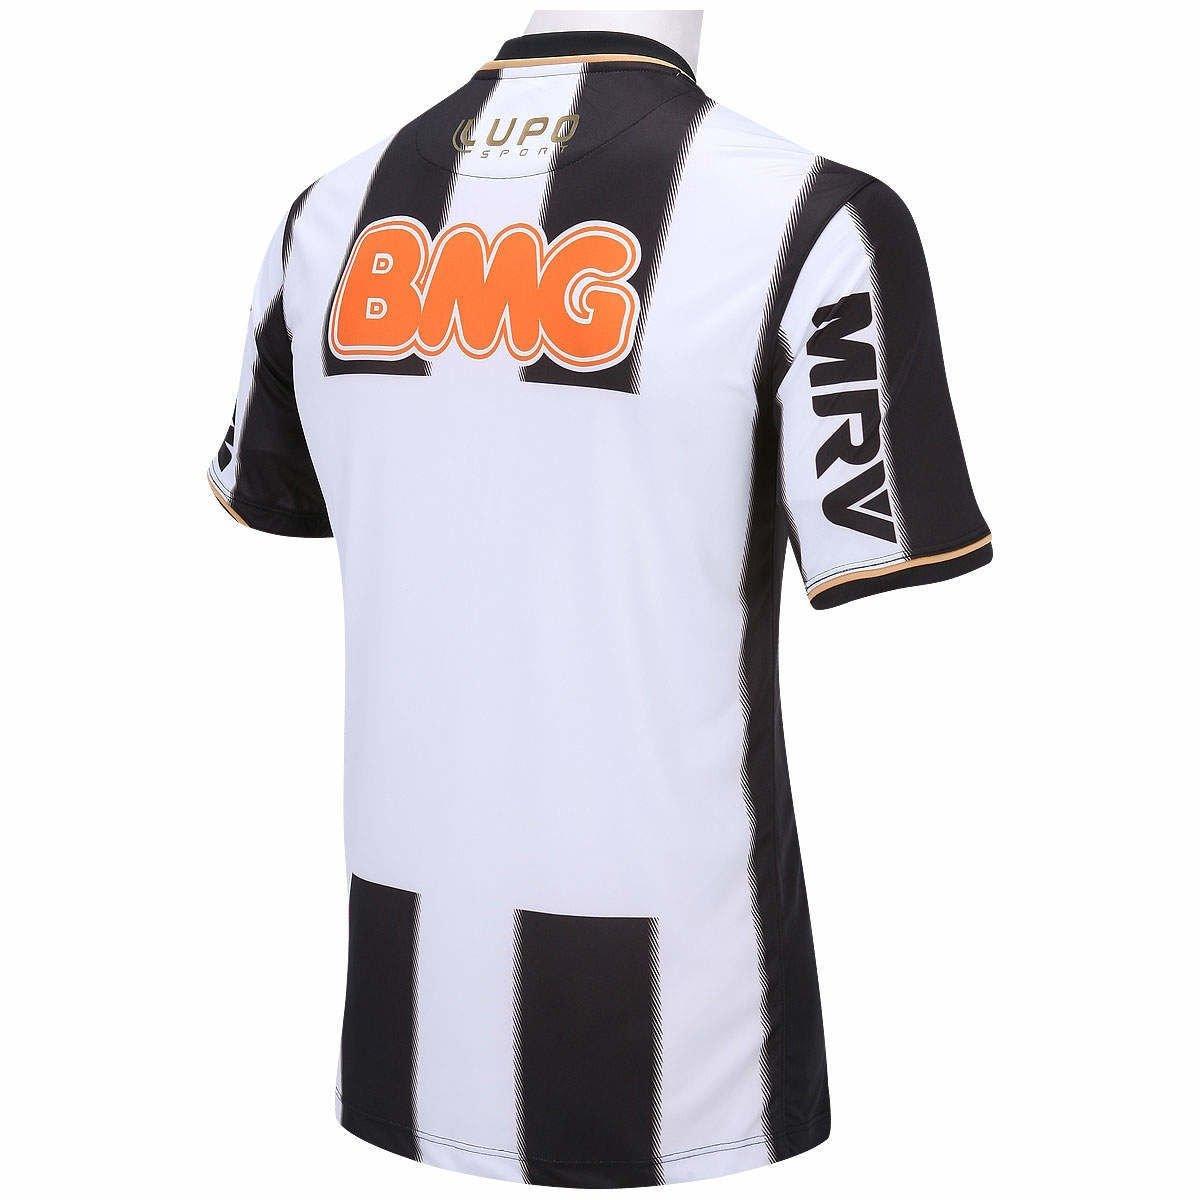 03e64c022c Camisa Lupo do Atlético MG Libertadores 2013 - Compre Agora